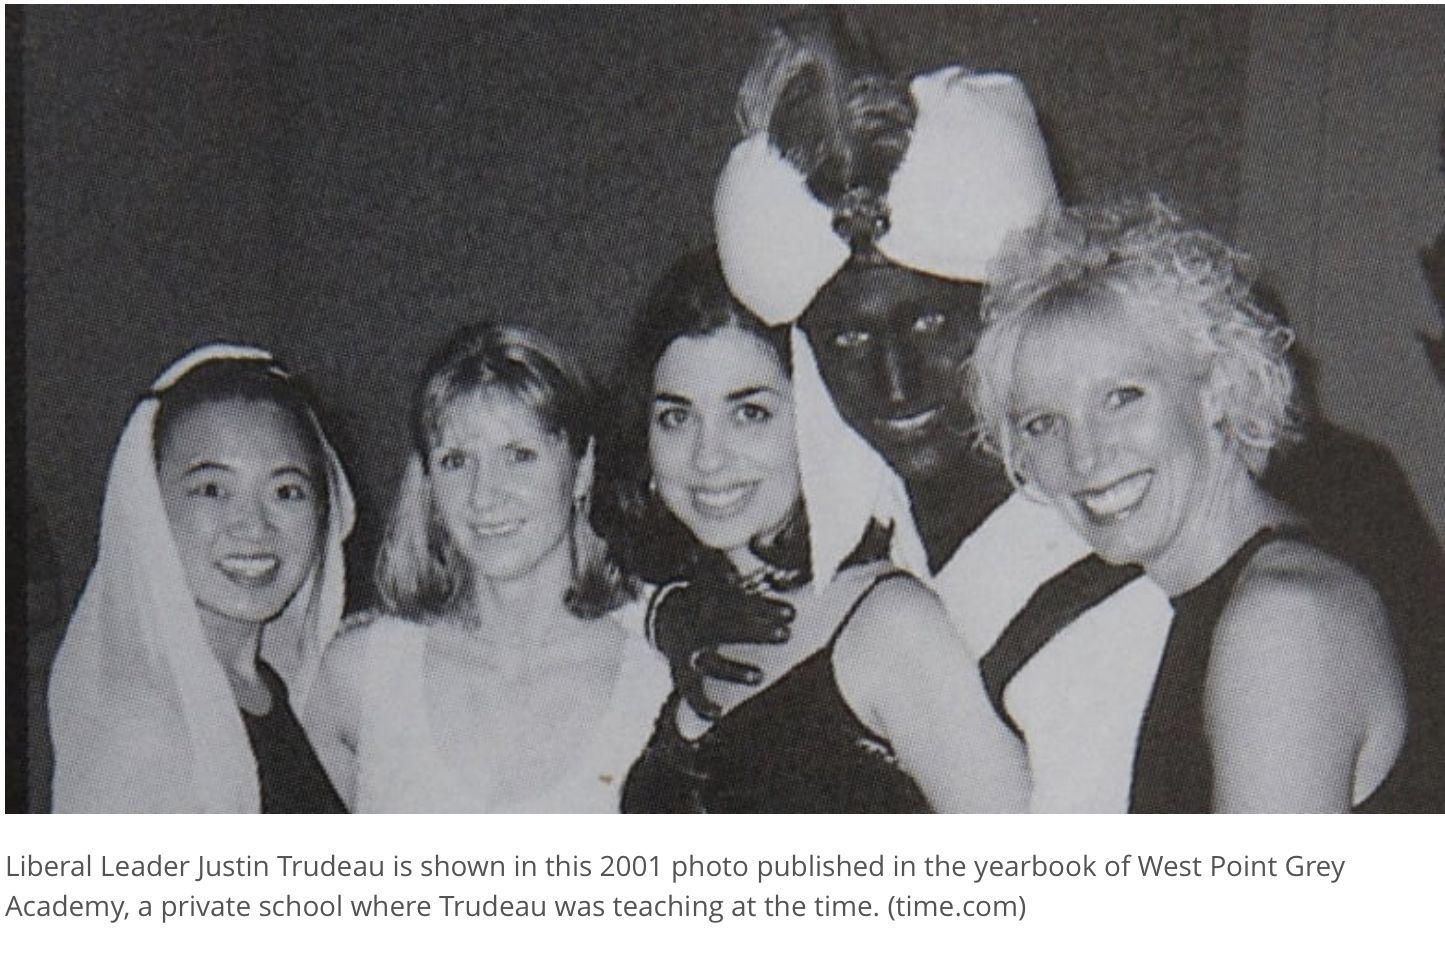 竞选活动暂停!特鲁多黑脸事件发酵,CBC评论一夜过万,穆斯林组织感谢特鲁多道歉